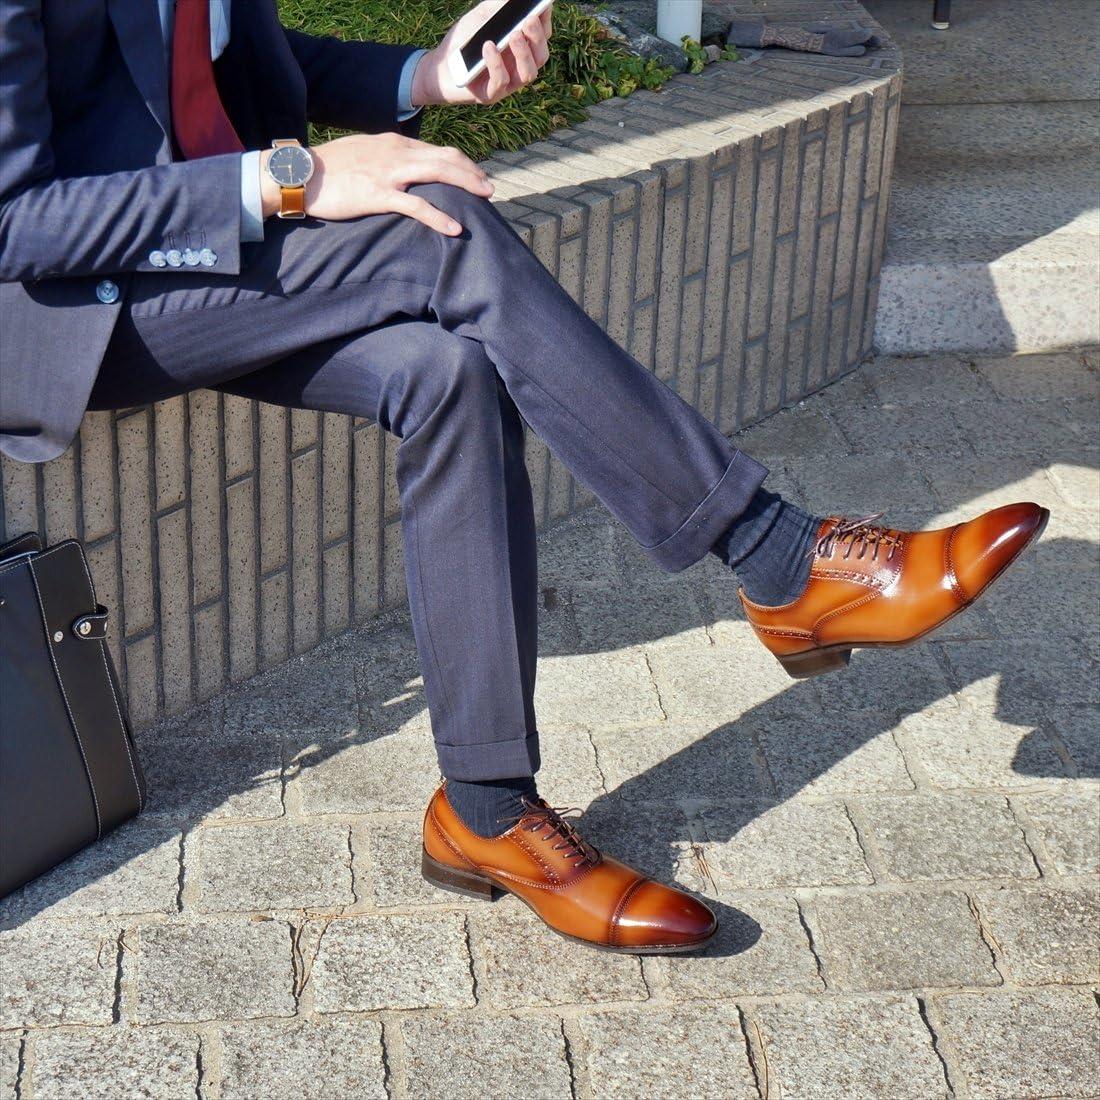 [ライム ガーデン] ビジネスシューズ ストレートチップ LG201 メンズ ブラウン 27.0 cm